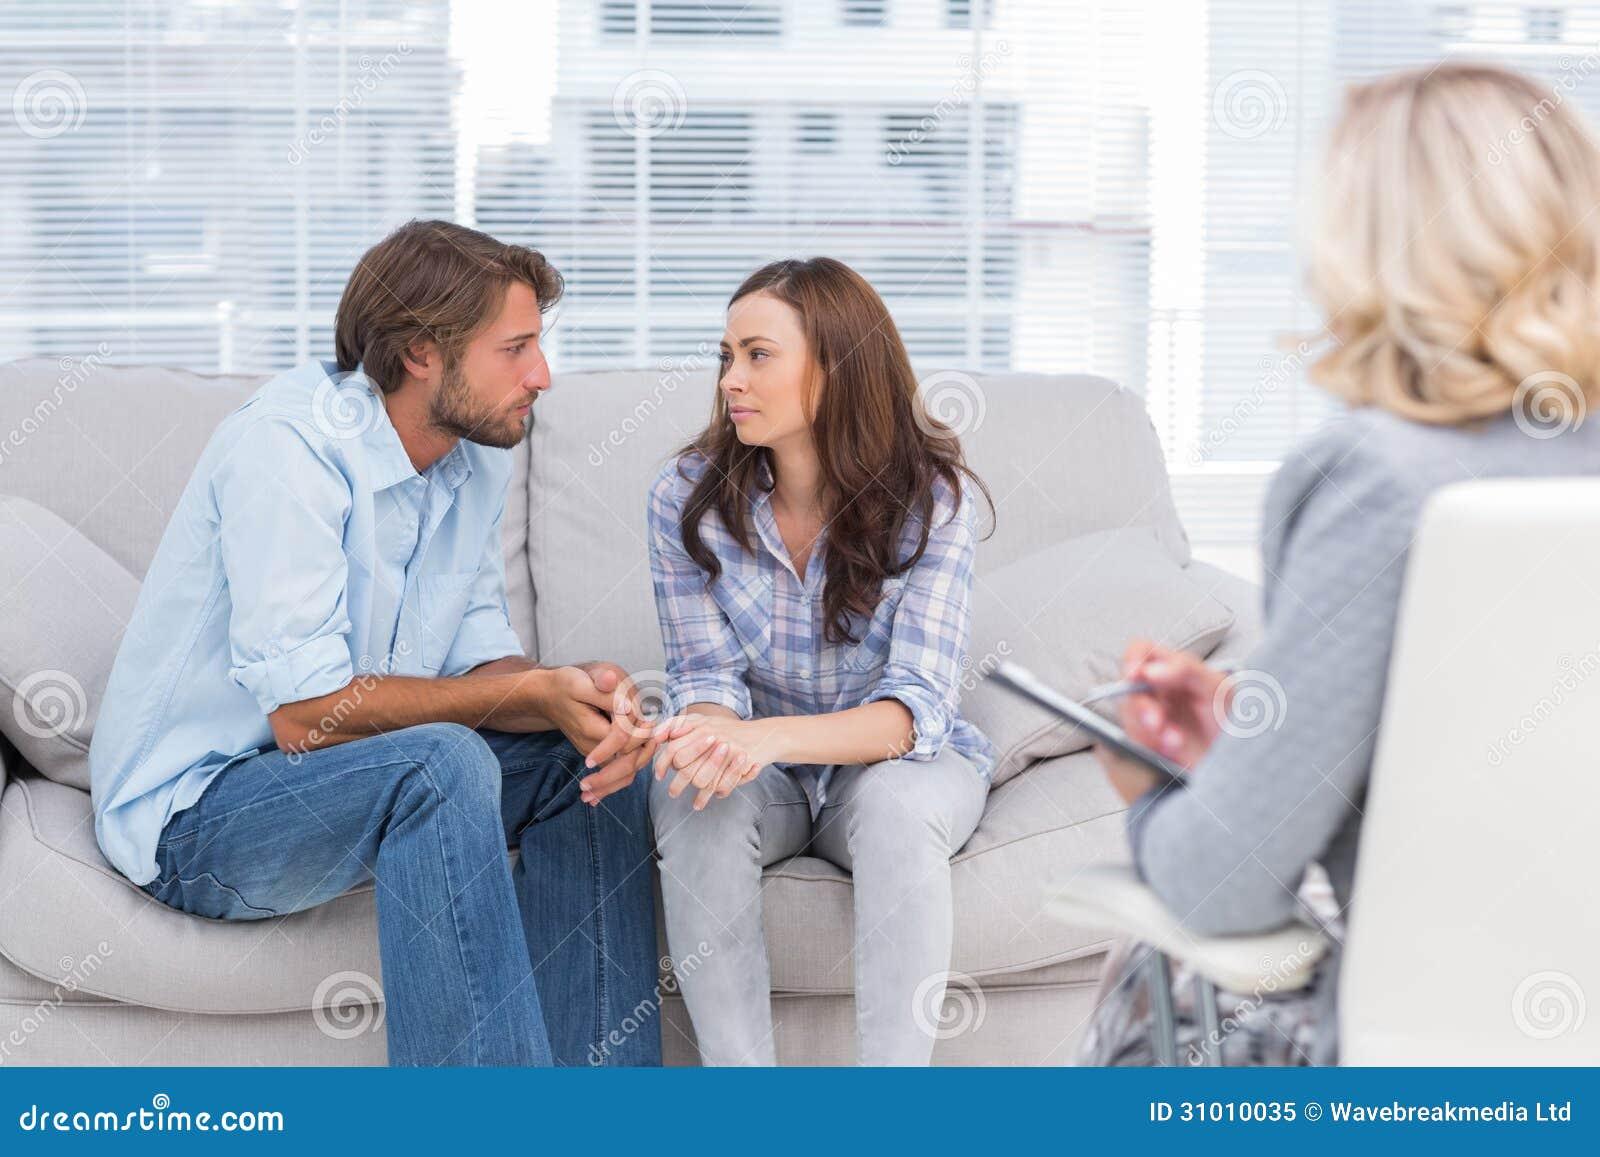 Ζεύγος που κοιτάζει ο ένας στον άλλο κατά τη διάρκεια της συνόδου θεραπείας